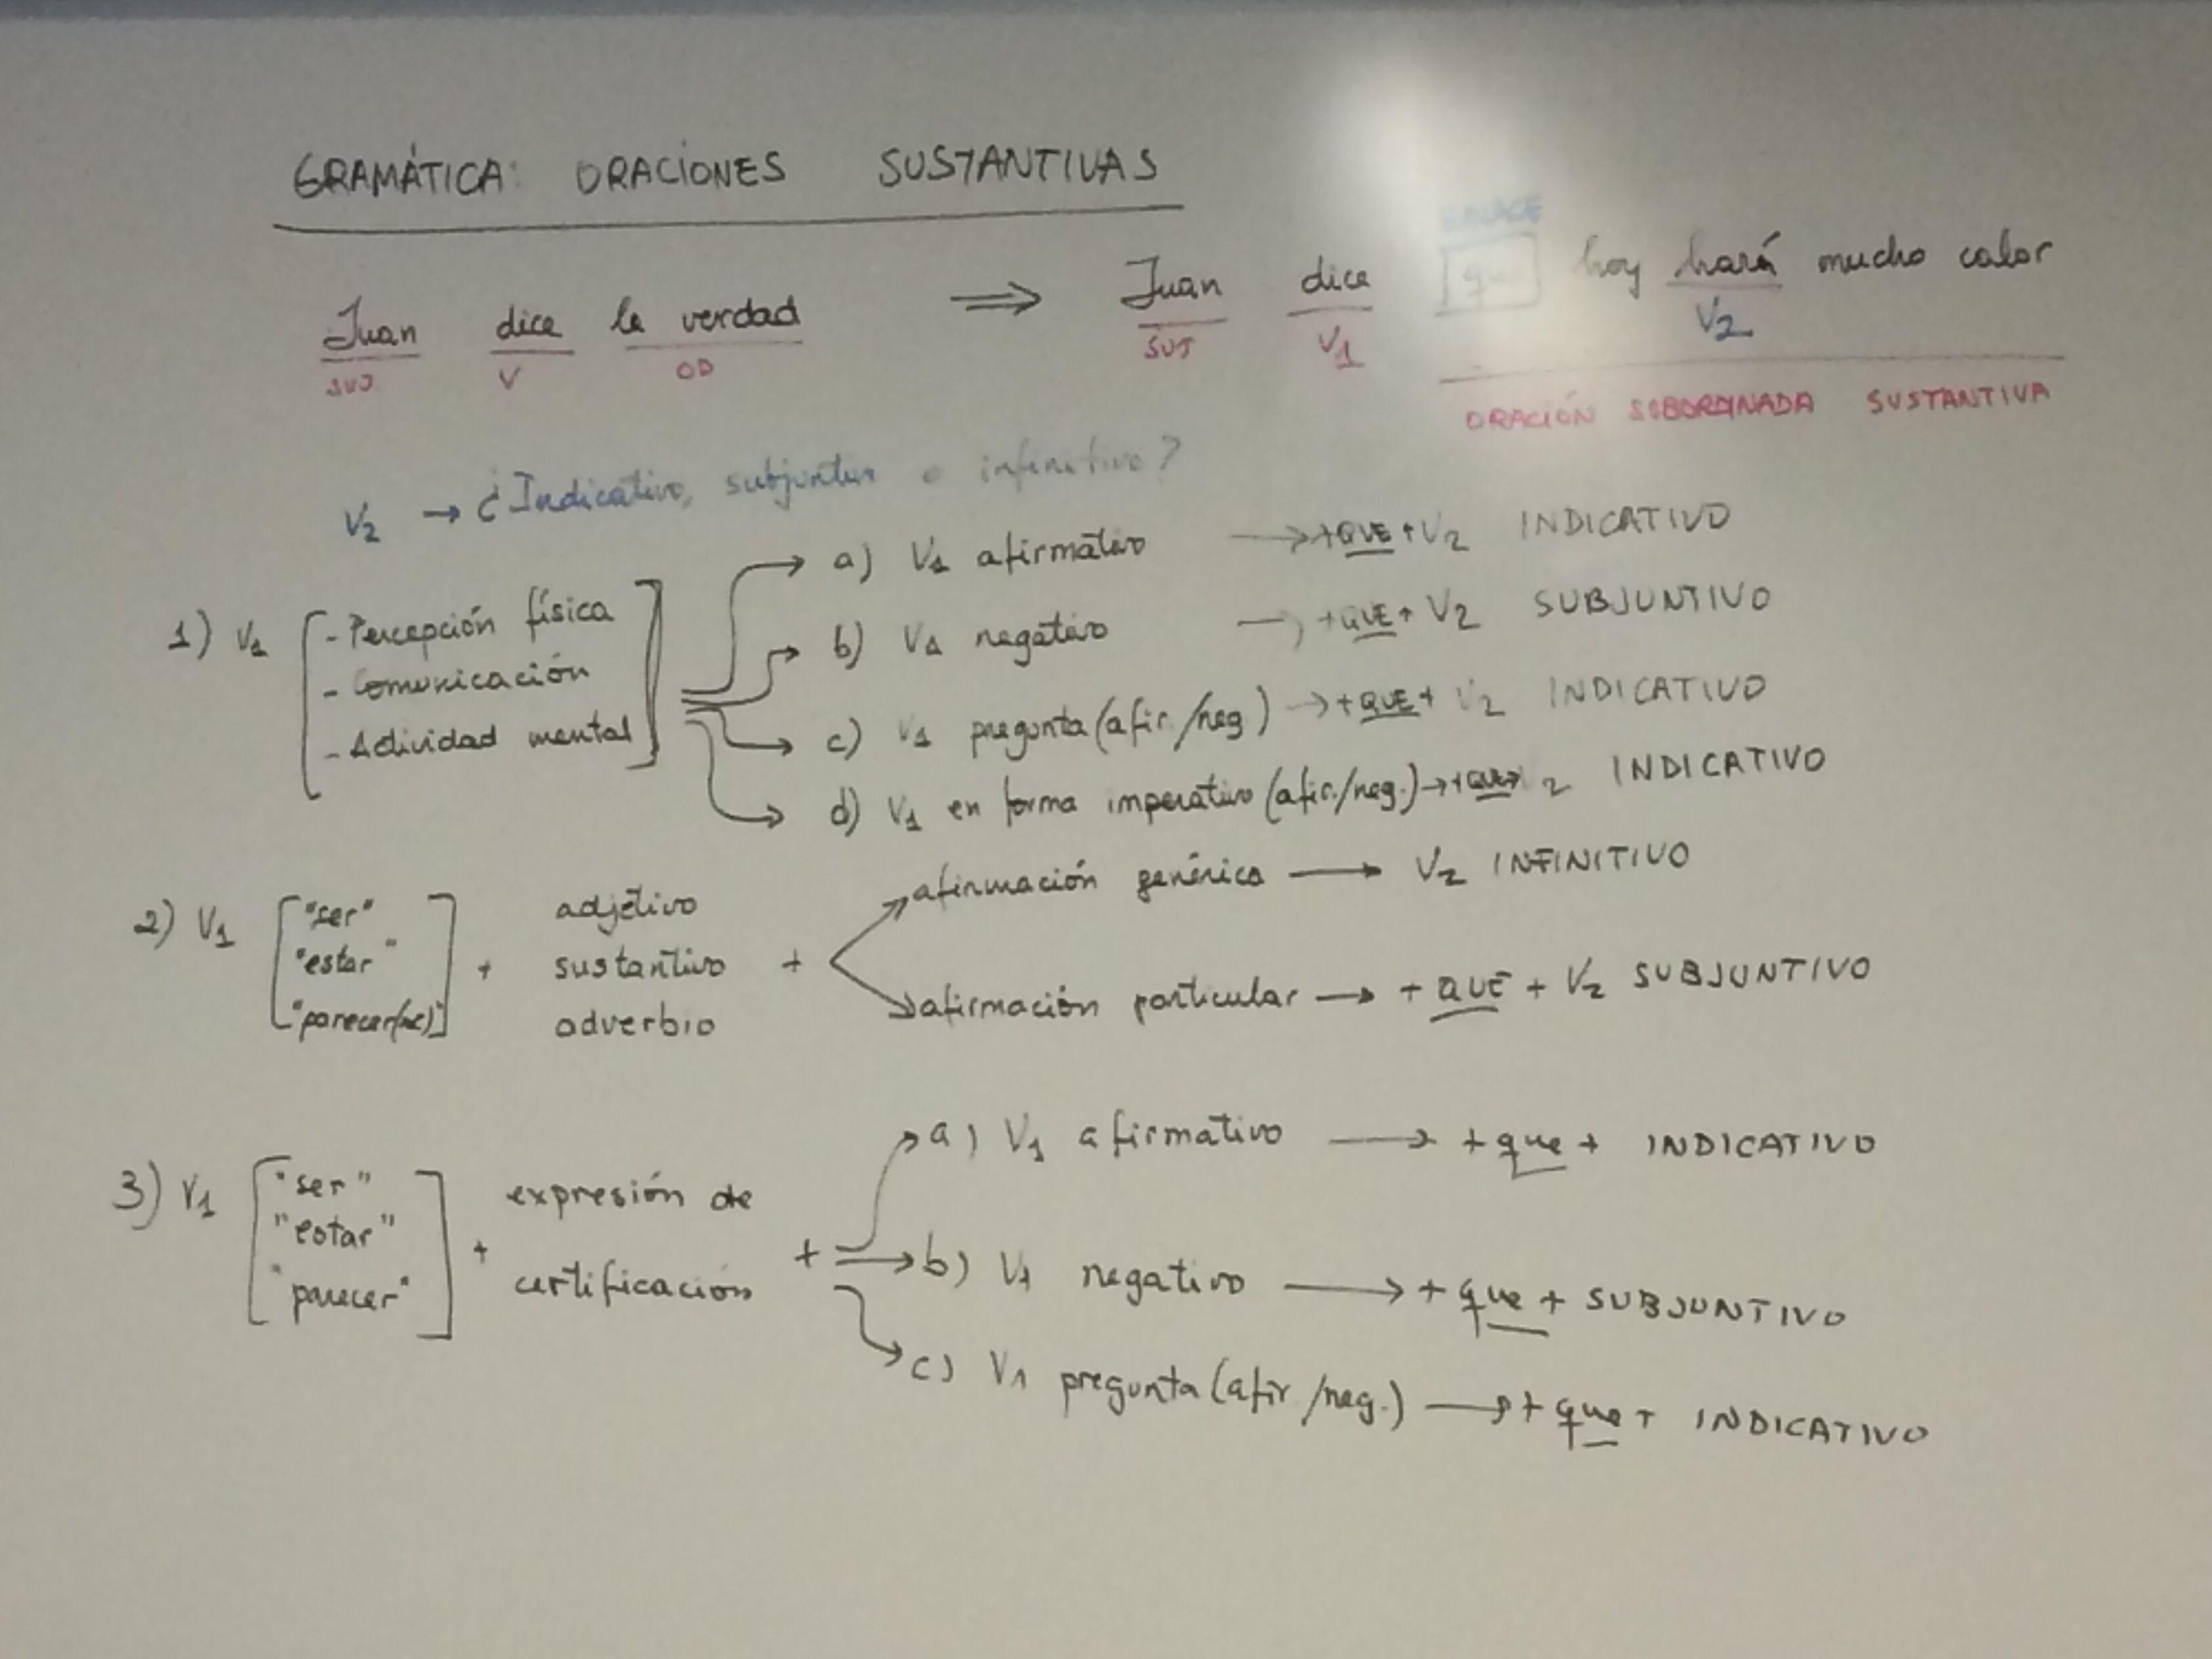 Indicativo Y Subjuntivo En Frases Sustantivas 1 2